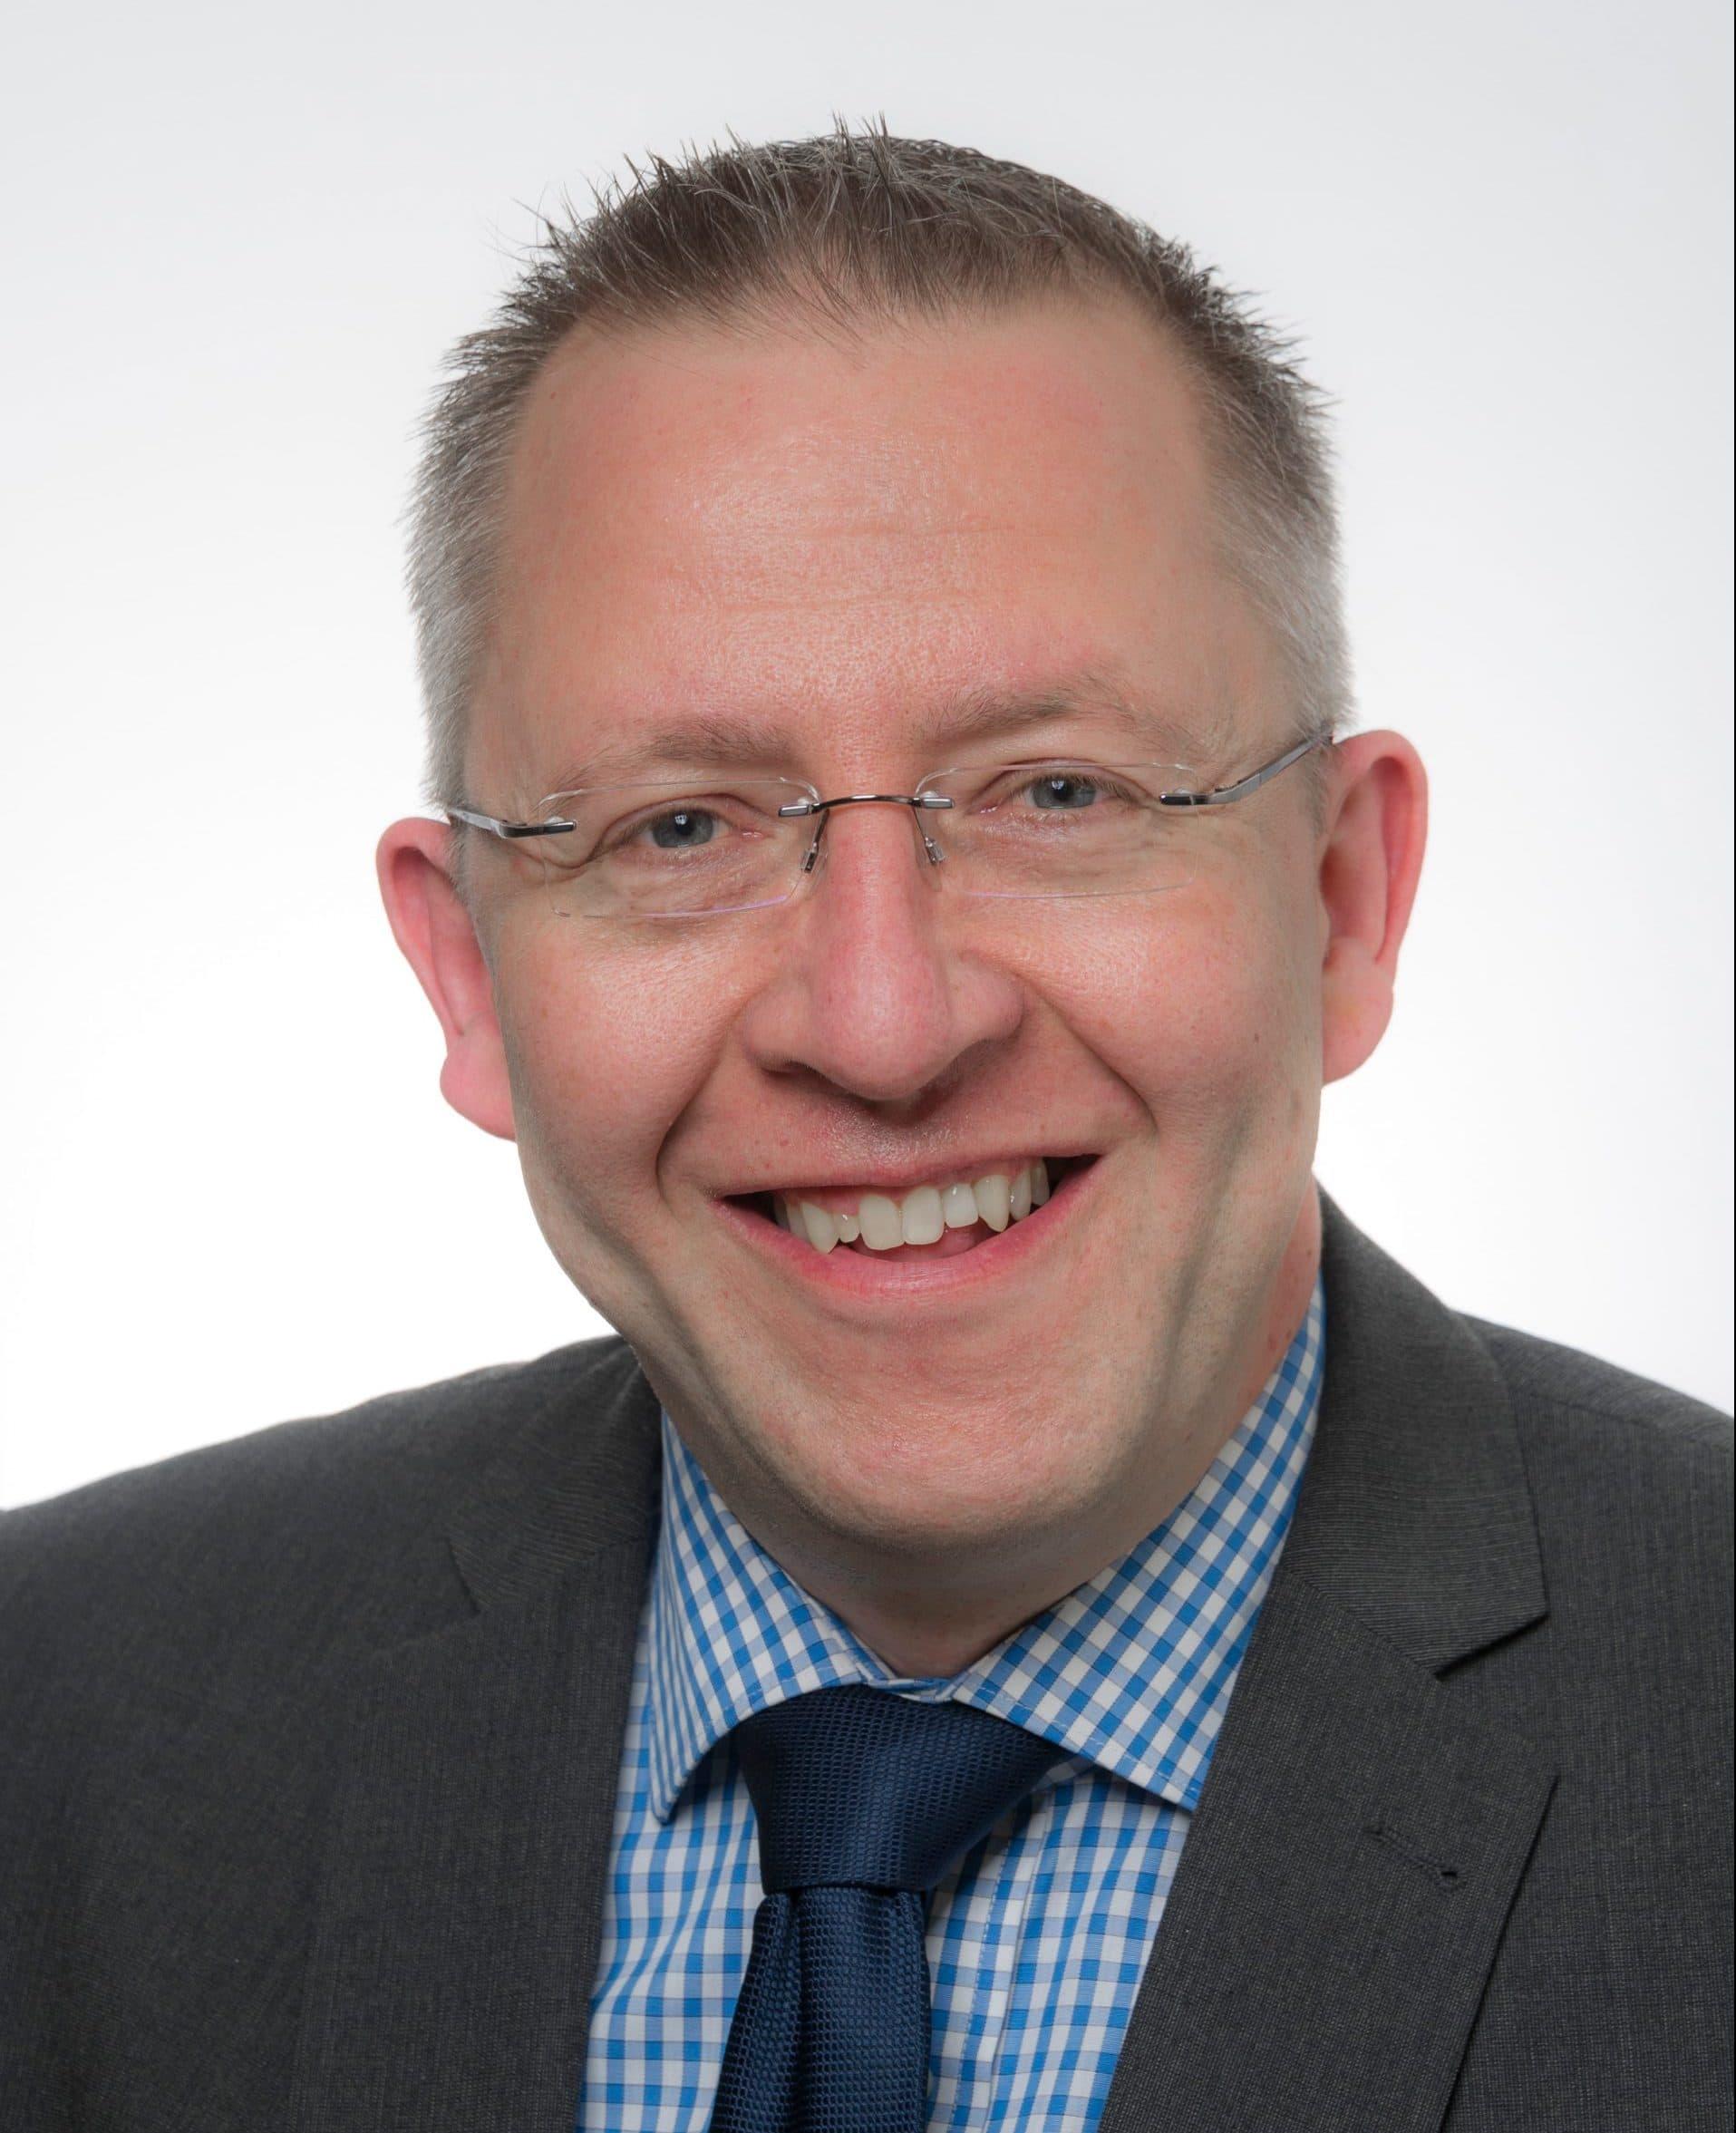 Edgar Brill CEO der Aquasant Messtechnik GmbH Deutschland